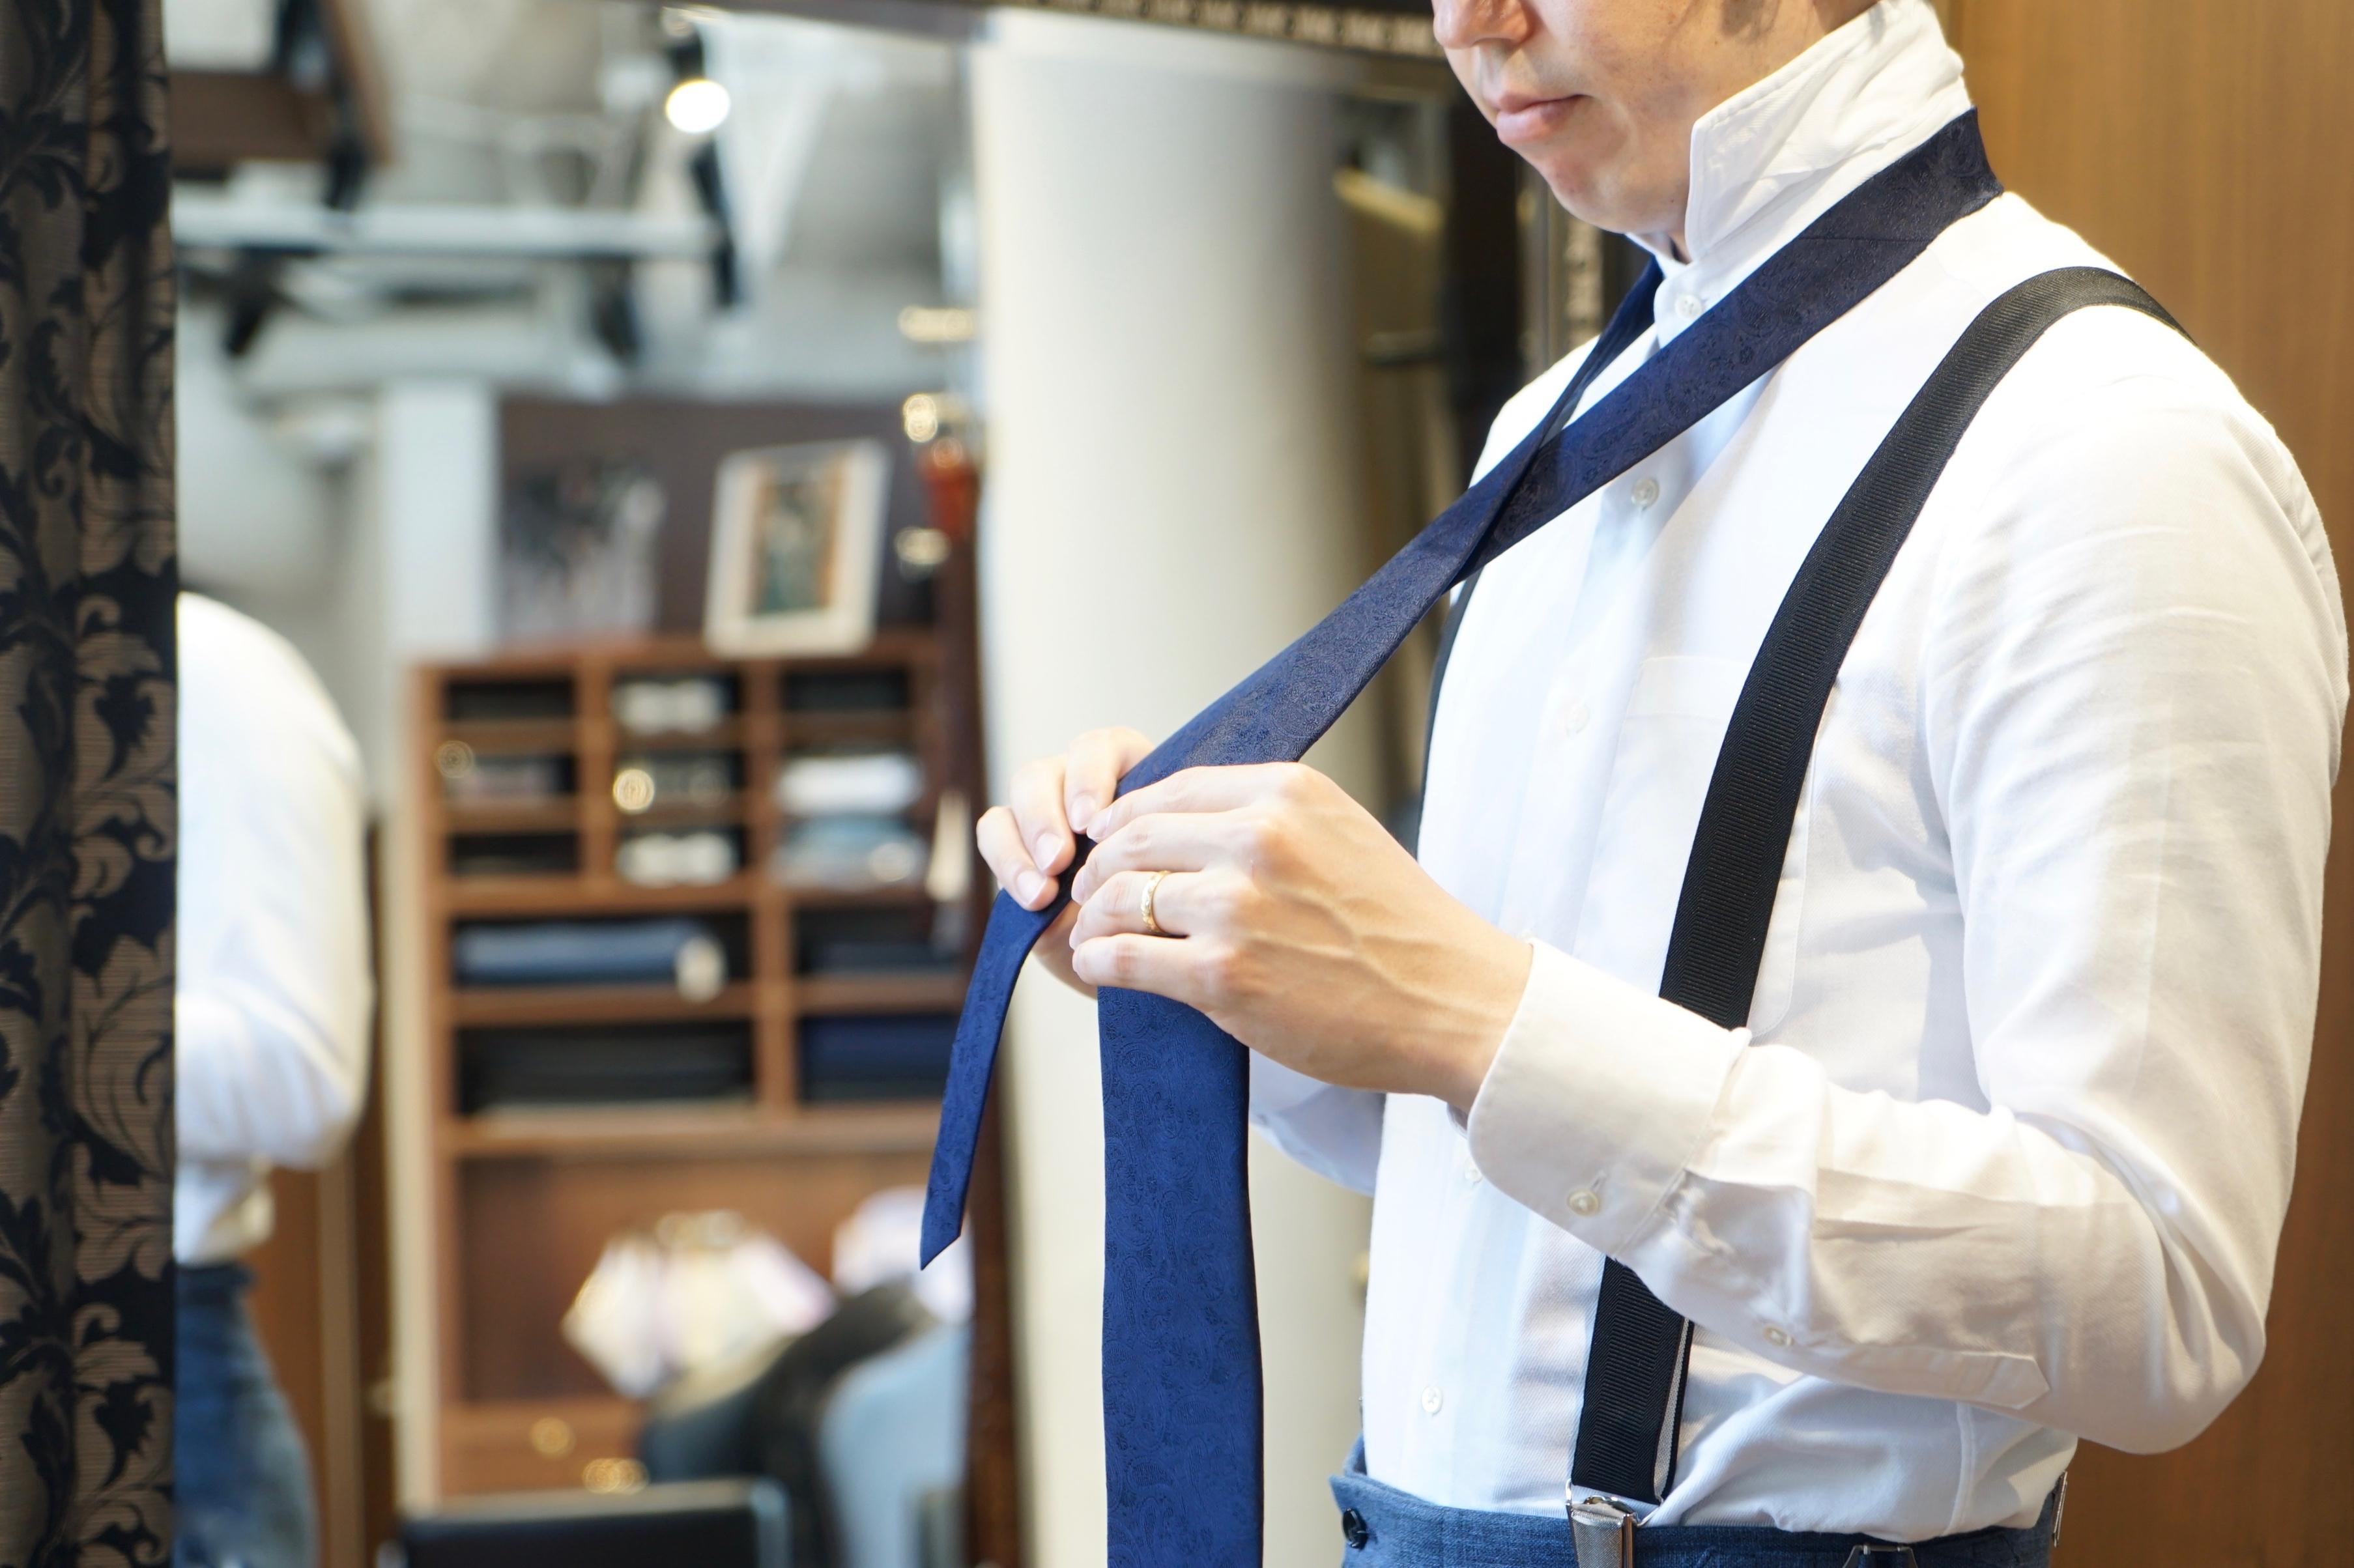 ネクタイの結び方 アイキャッチ